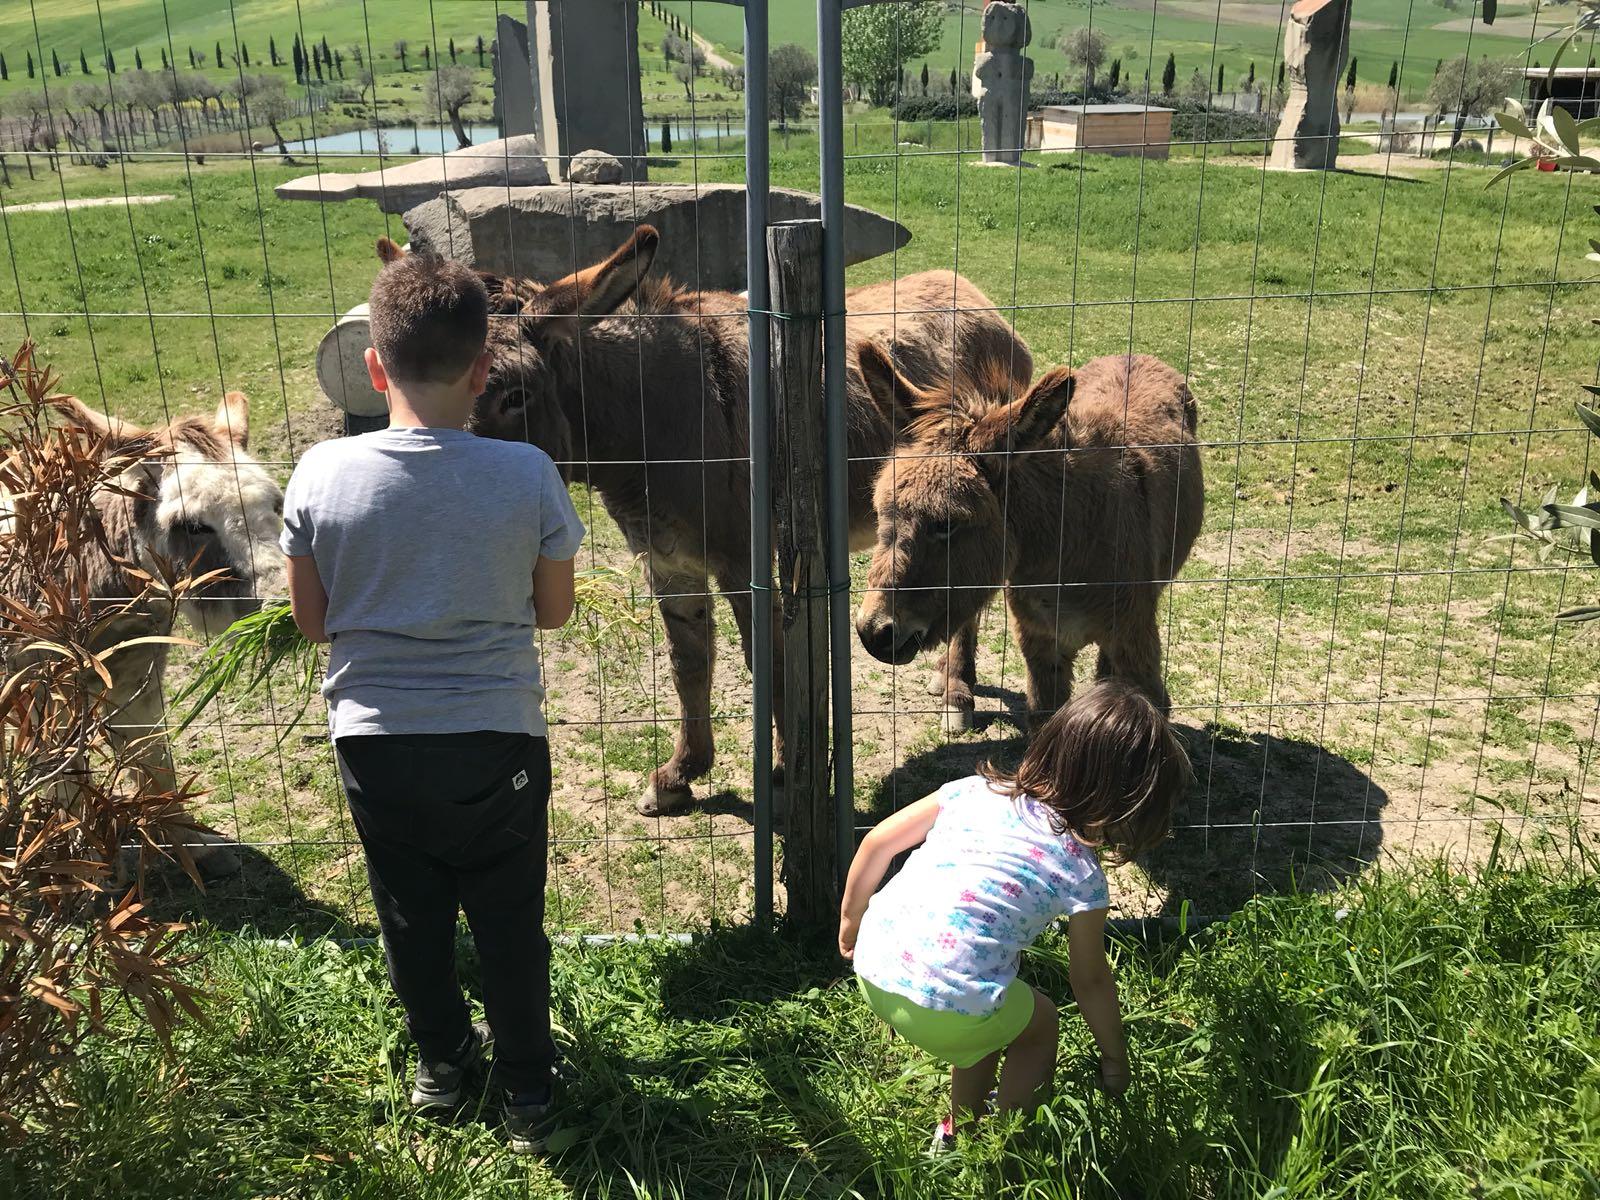 Parchi tematici per gite scolastiche in Umbria